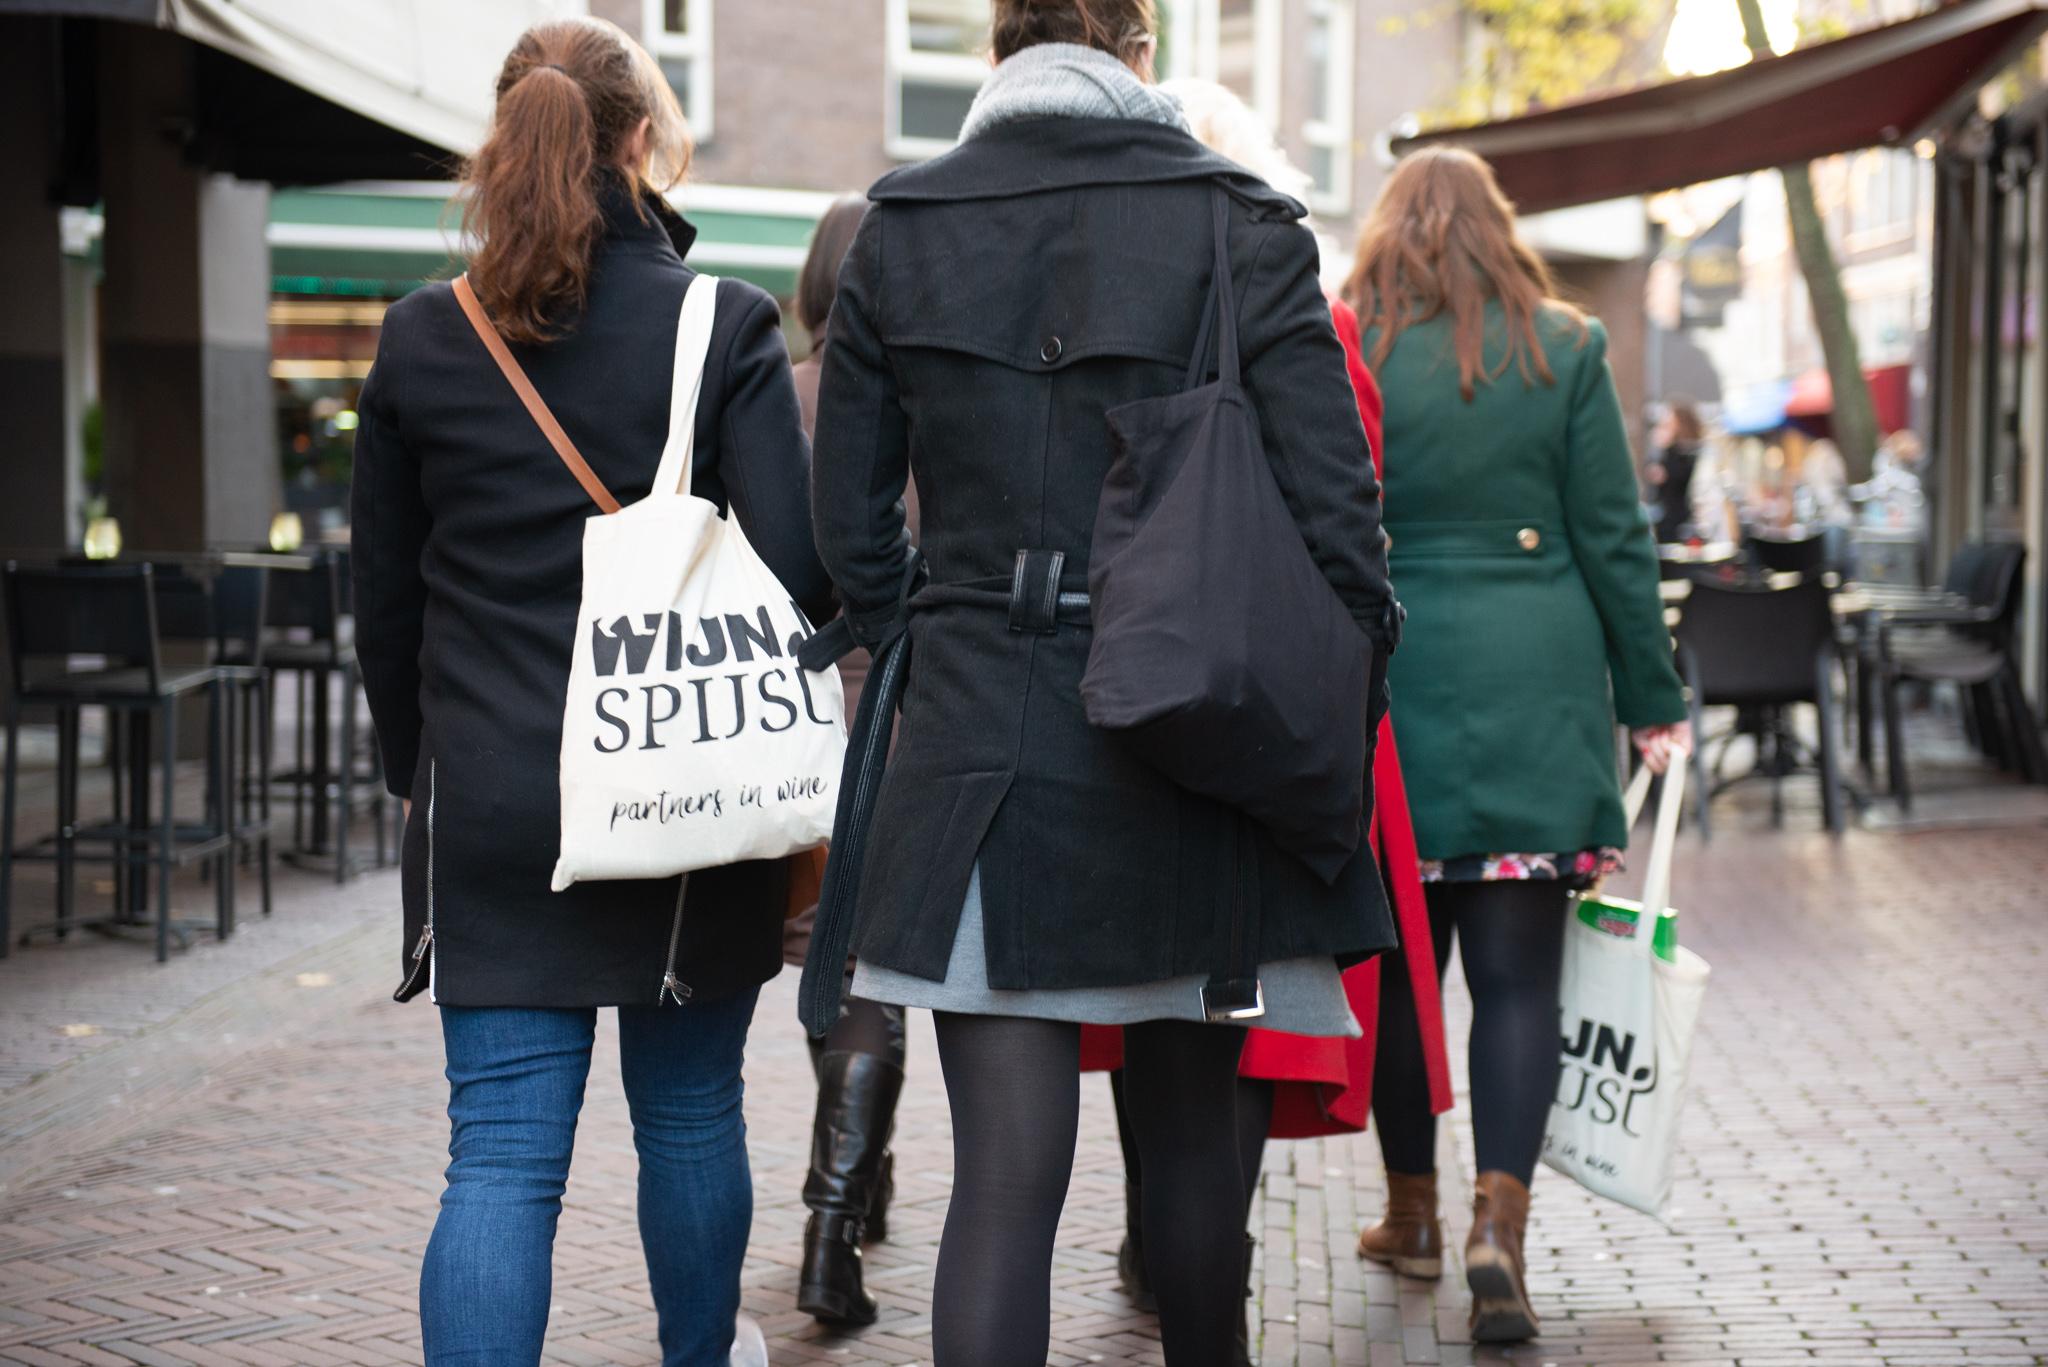 Delft | Illegaal culinair wandelen nu toch toegestaan